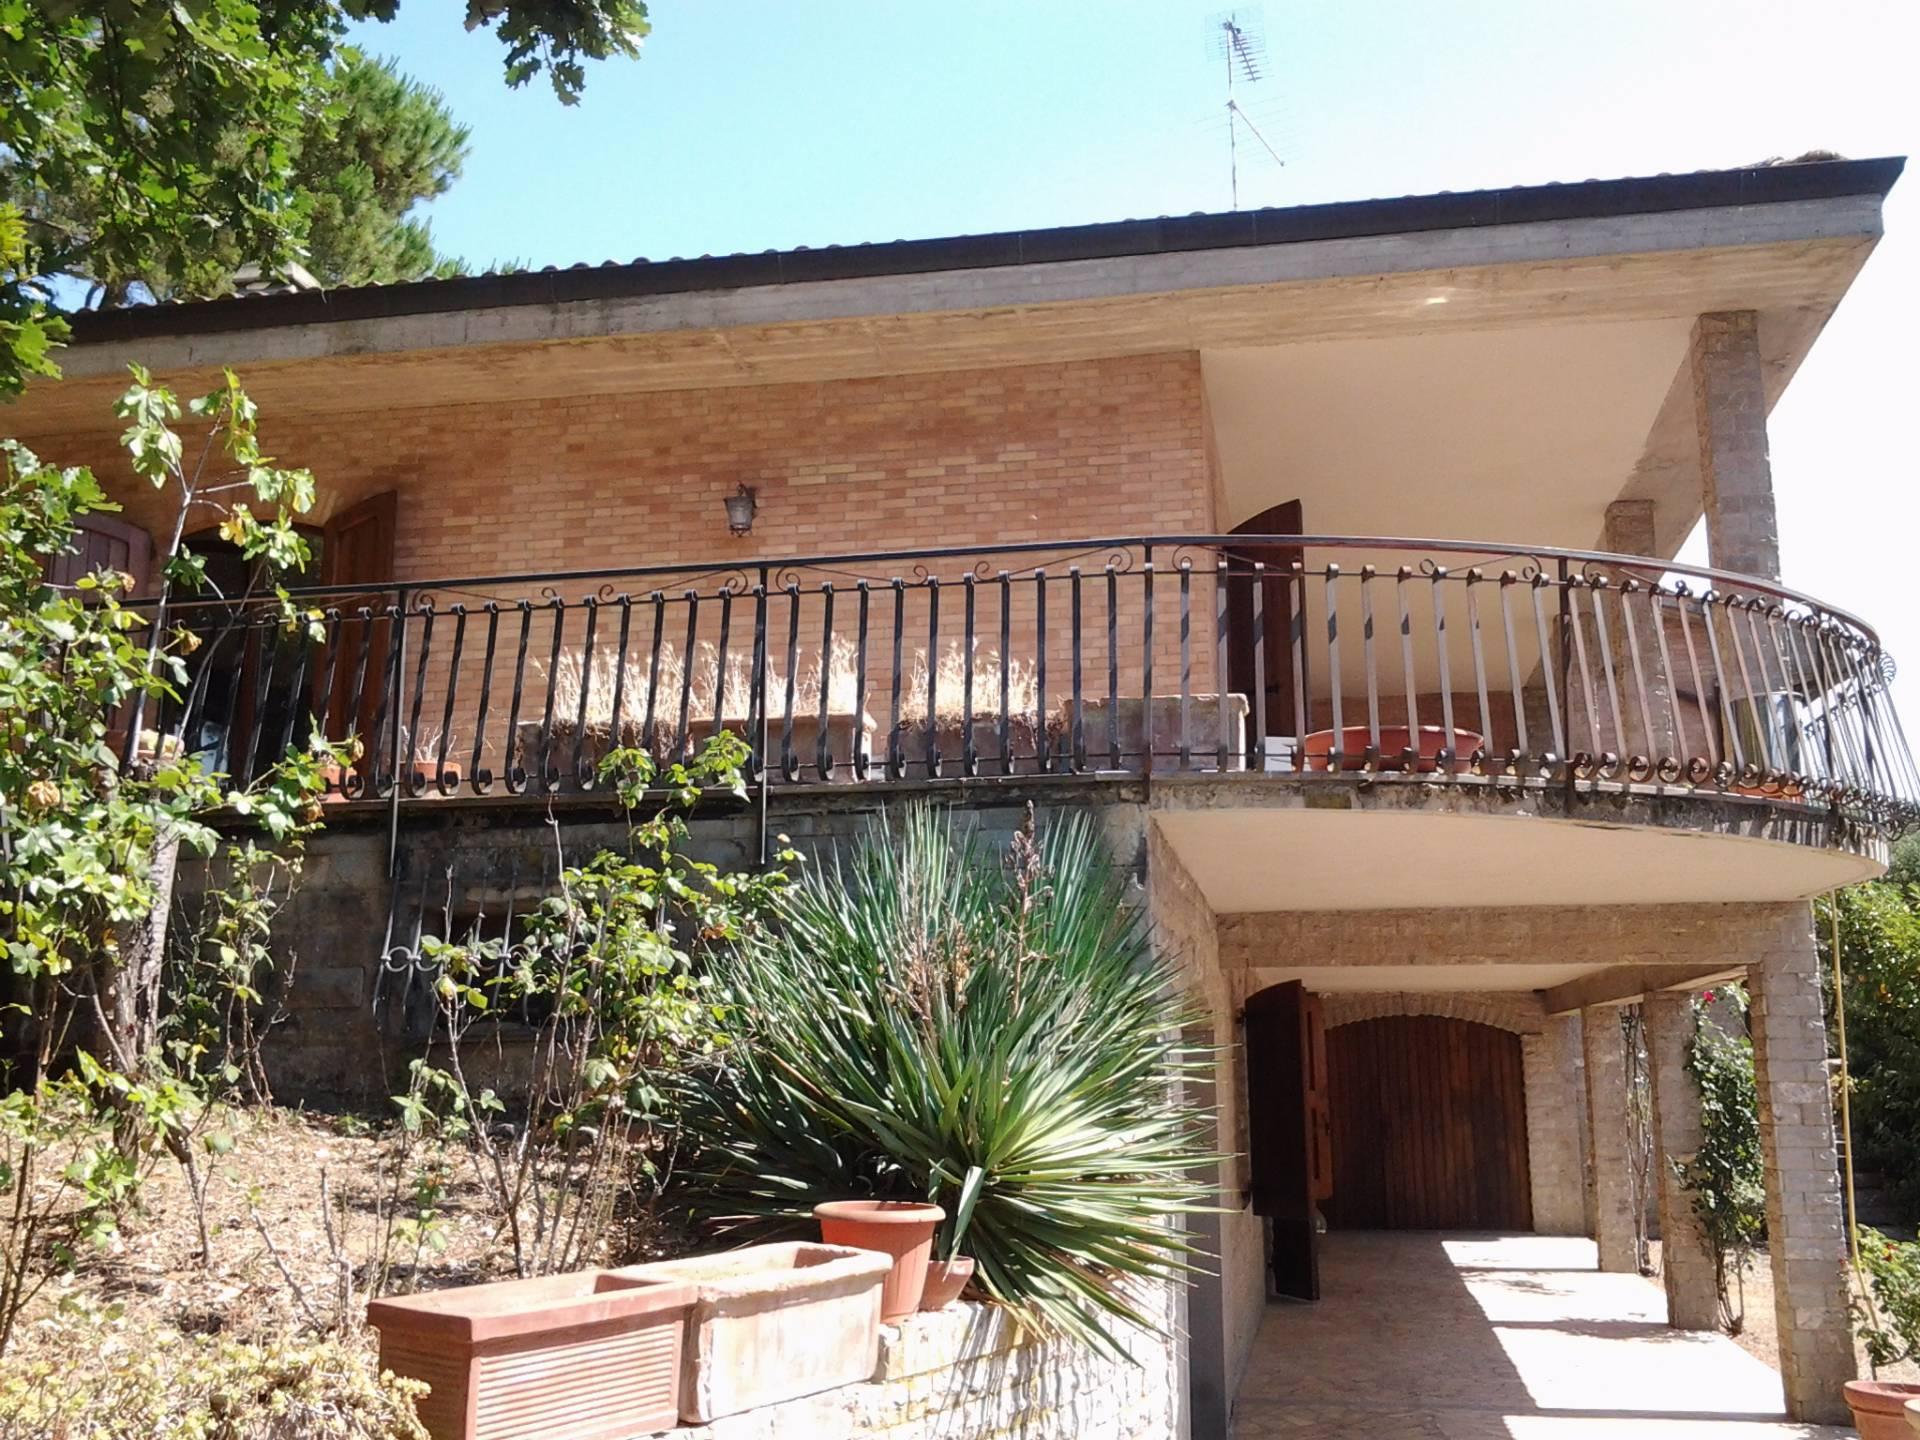 Villa in vendita a Siena, 20 locali, zona Zona: Semicentrale, prezzo € 950.000 | CambioCasa.it